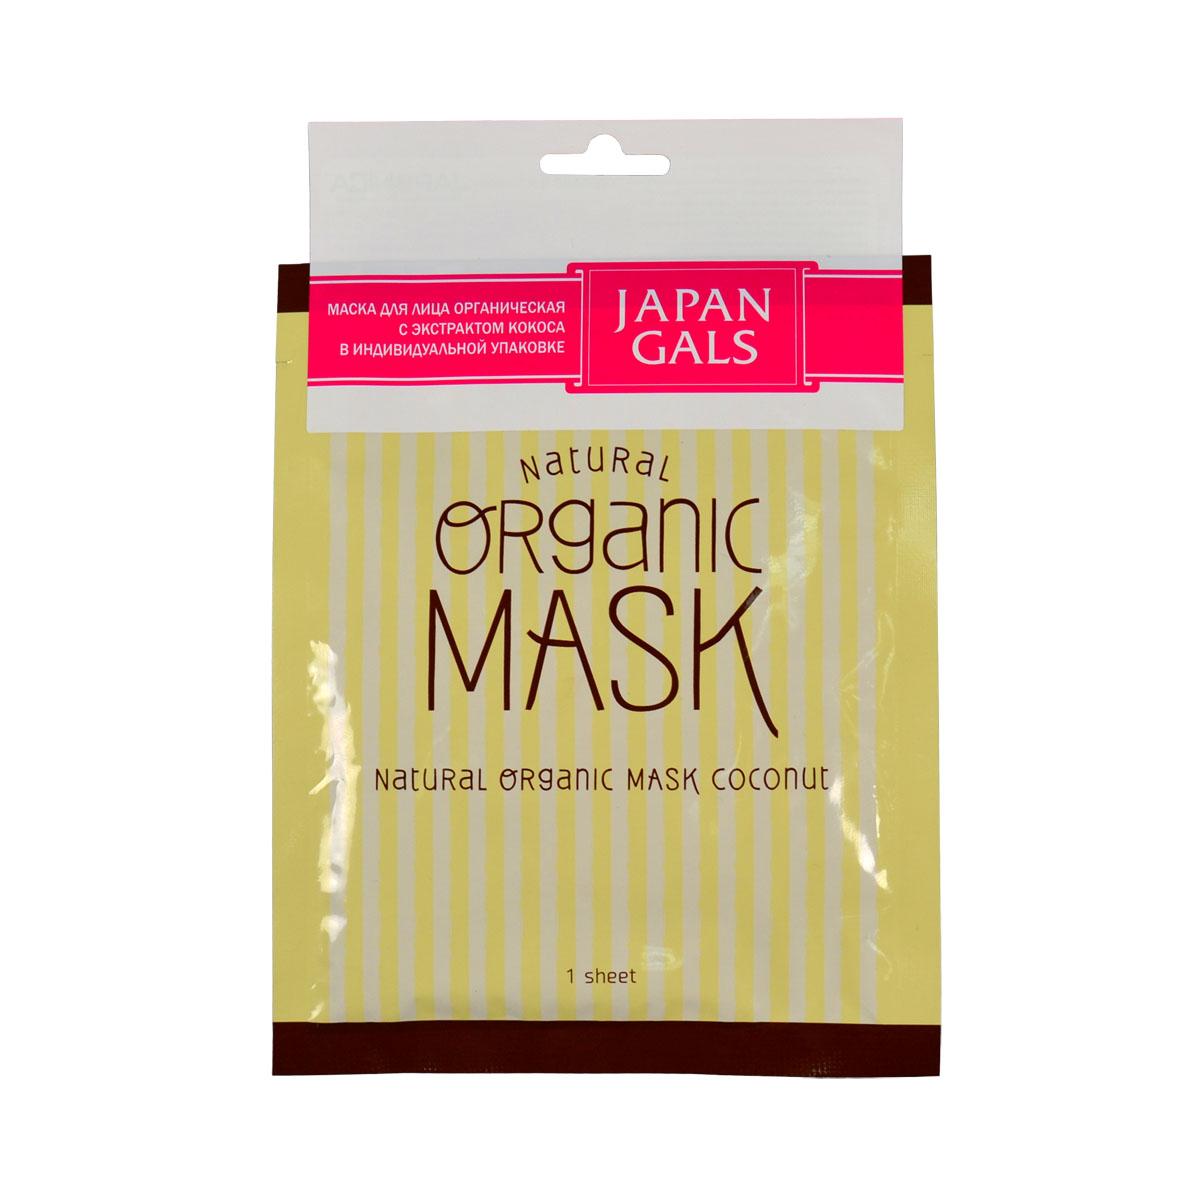 Japan Gals Маска для лица органическая с экстрактом кокоса 1 шт100713Органическая маска JAPAN GALS с экстрактом кокоса создана для красоты и сияния кожи. Все компоненты подбирались особенно тщательно, а органический хлопок из которого создана маска естественно и мягко заботится о лице. Маска подходят для всех типов кожи и в любом возрасте. Чтобы ваша кожа сияла здоровьем, Вам потребуется всего 10-15 минут в день для ухода за ней. Маска очень проста в применении, а после ее использования лицо не требует дополнительного умывания. Тканевая основа маски пропитана сывороткой, и благодаря плотному прилеганию маски к лицу состав проникает глубоко в кожу, успокаивая и увлажняя ее изнутри. Так же у маски имеются специальные кармашки для проработки зоны в области глаз. В состав маски входят экстра - чистые кокосовые масла, кокосовый сок, с добавлением в сыворотку масла жожоба. Кокосовое масло позволяет за очень короткий промежуток времени смягчить и разгладить кожу, придав ей гладкий, здоровый и сияющий вид. Кокосовый сок придаст коже мягкость и сделает ее...